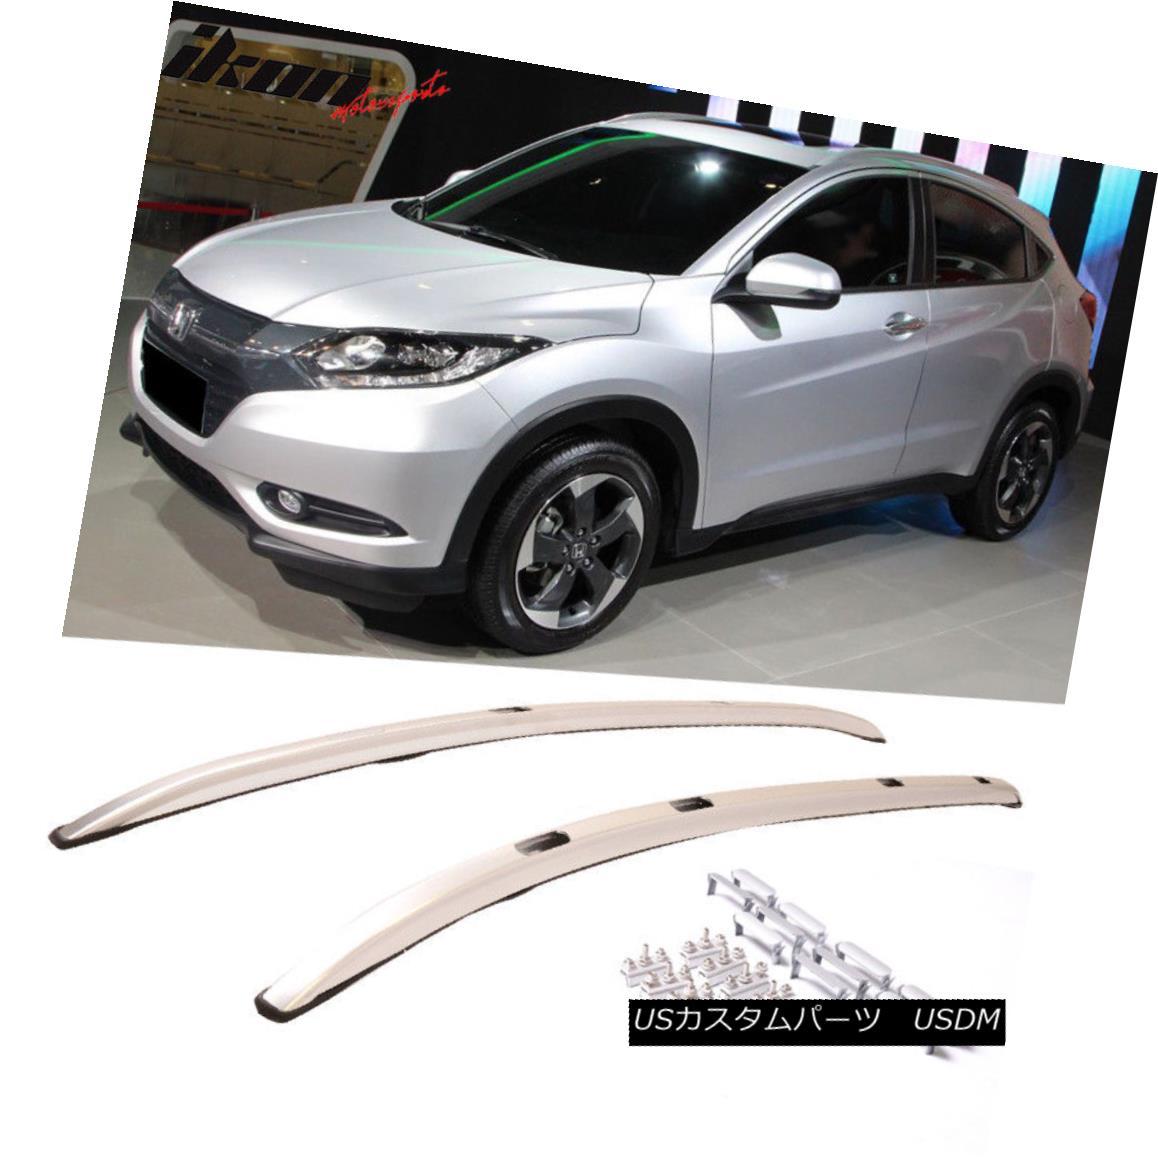 エアロパーツ Fits 16-18 Honda HRV HR-V Vezel Brushed Aluminum Roof Rails Set フィット16-18ホンダHRV Vezelブラシ付きアルミ屋根のレールセット